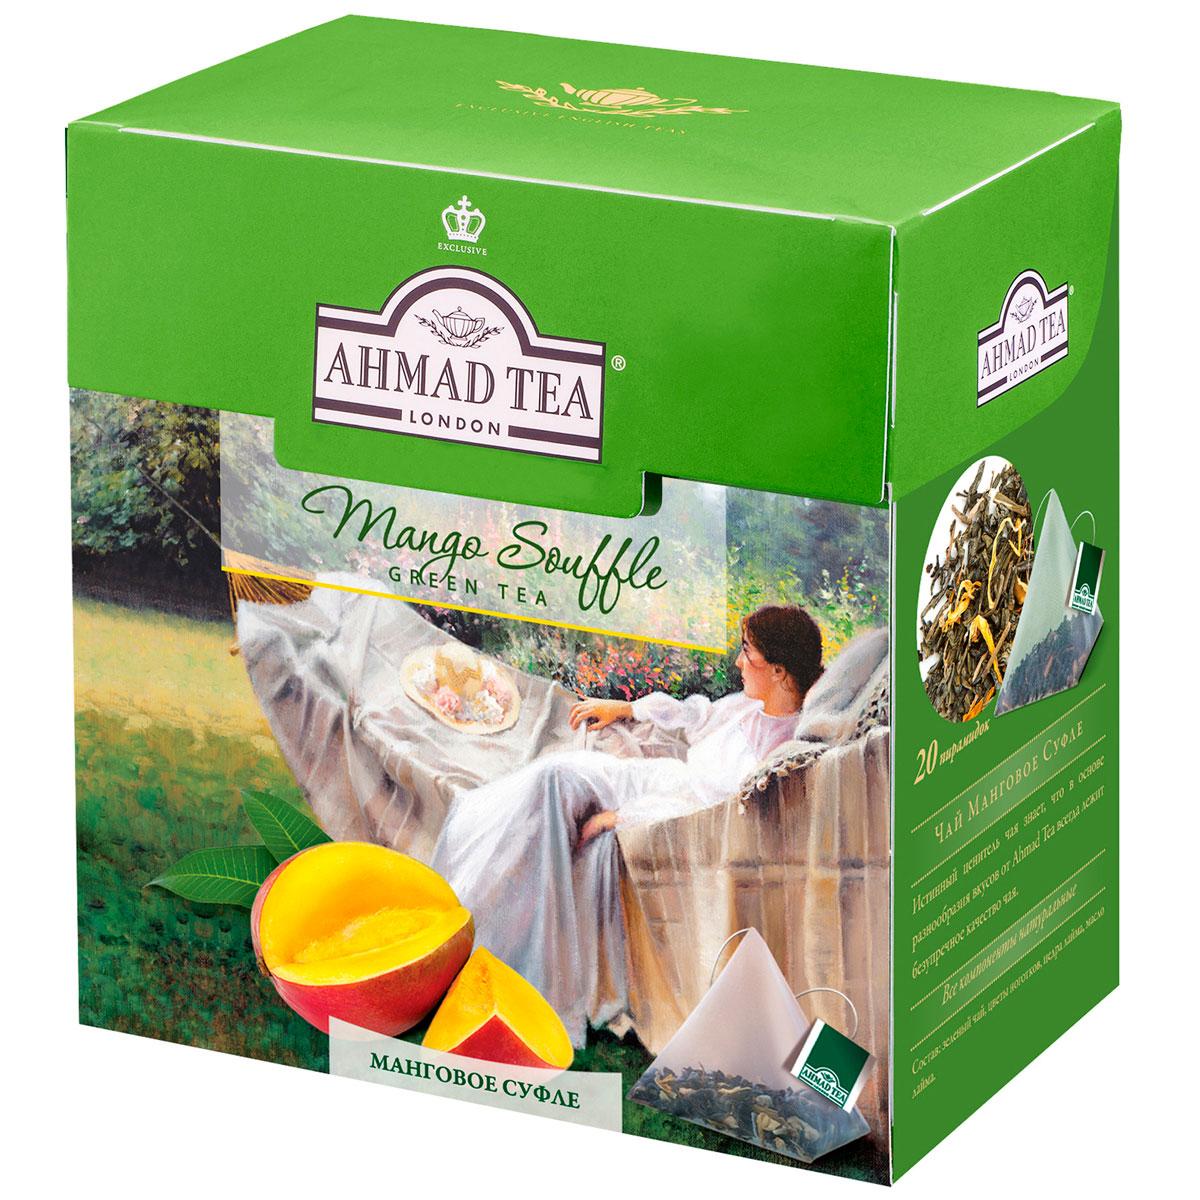 Ahmad Tea Mango Souffle зеленый чай в пирамидках, 20 шт1400Ahmad Tea Mango Souffle - трио экзотичного манго, утонченного личи и китайского зеленого чая дарят чашечку светло-фисташкового настоя со сбалансированным вкусовым букетом сочной сладости манго, терпкой нотки зеленого чая, дополненных оригинальной кислинкой ягоды личи в послевкусии. Заваривать 4-6 минут, температура воды 90°С.